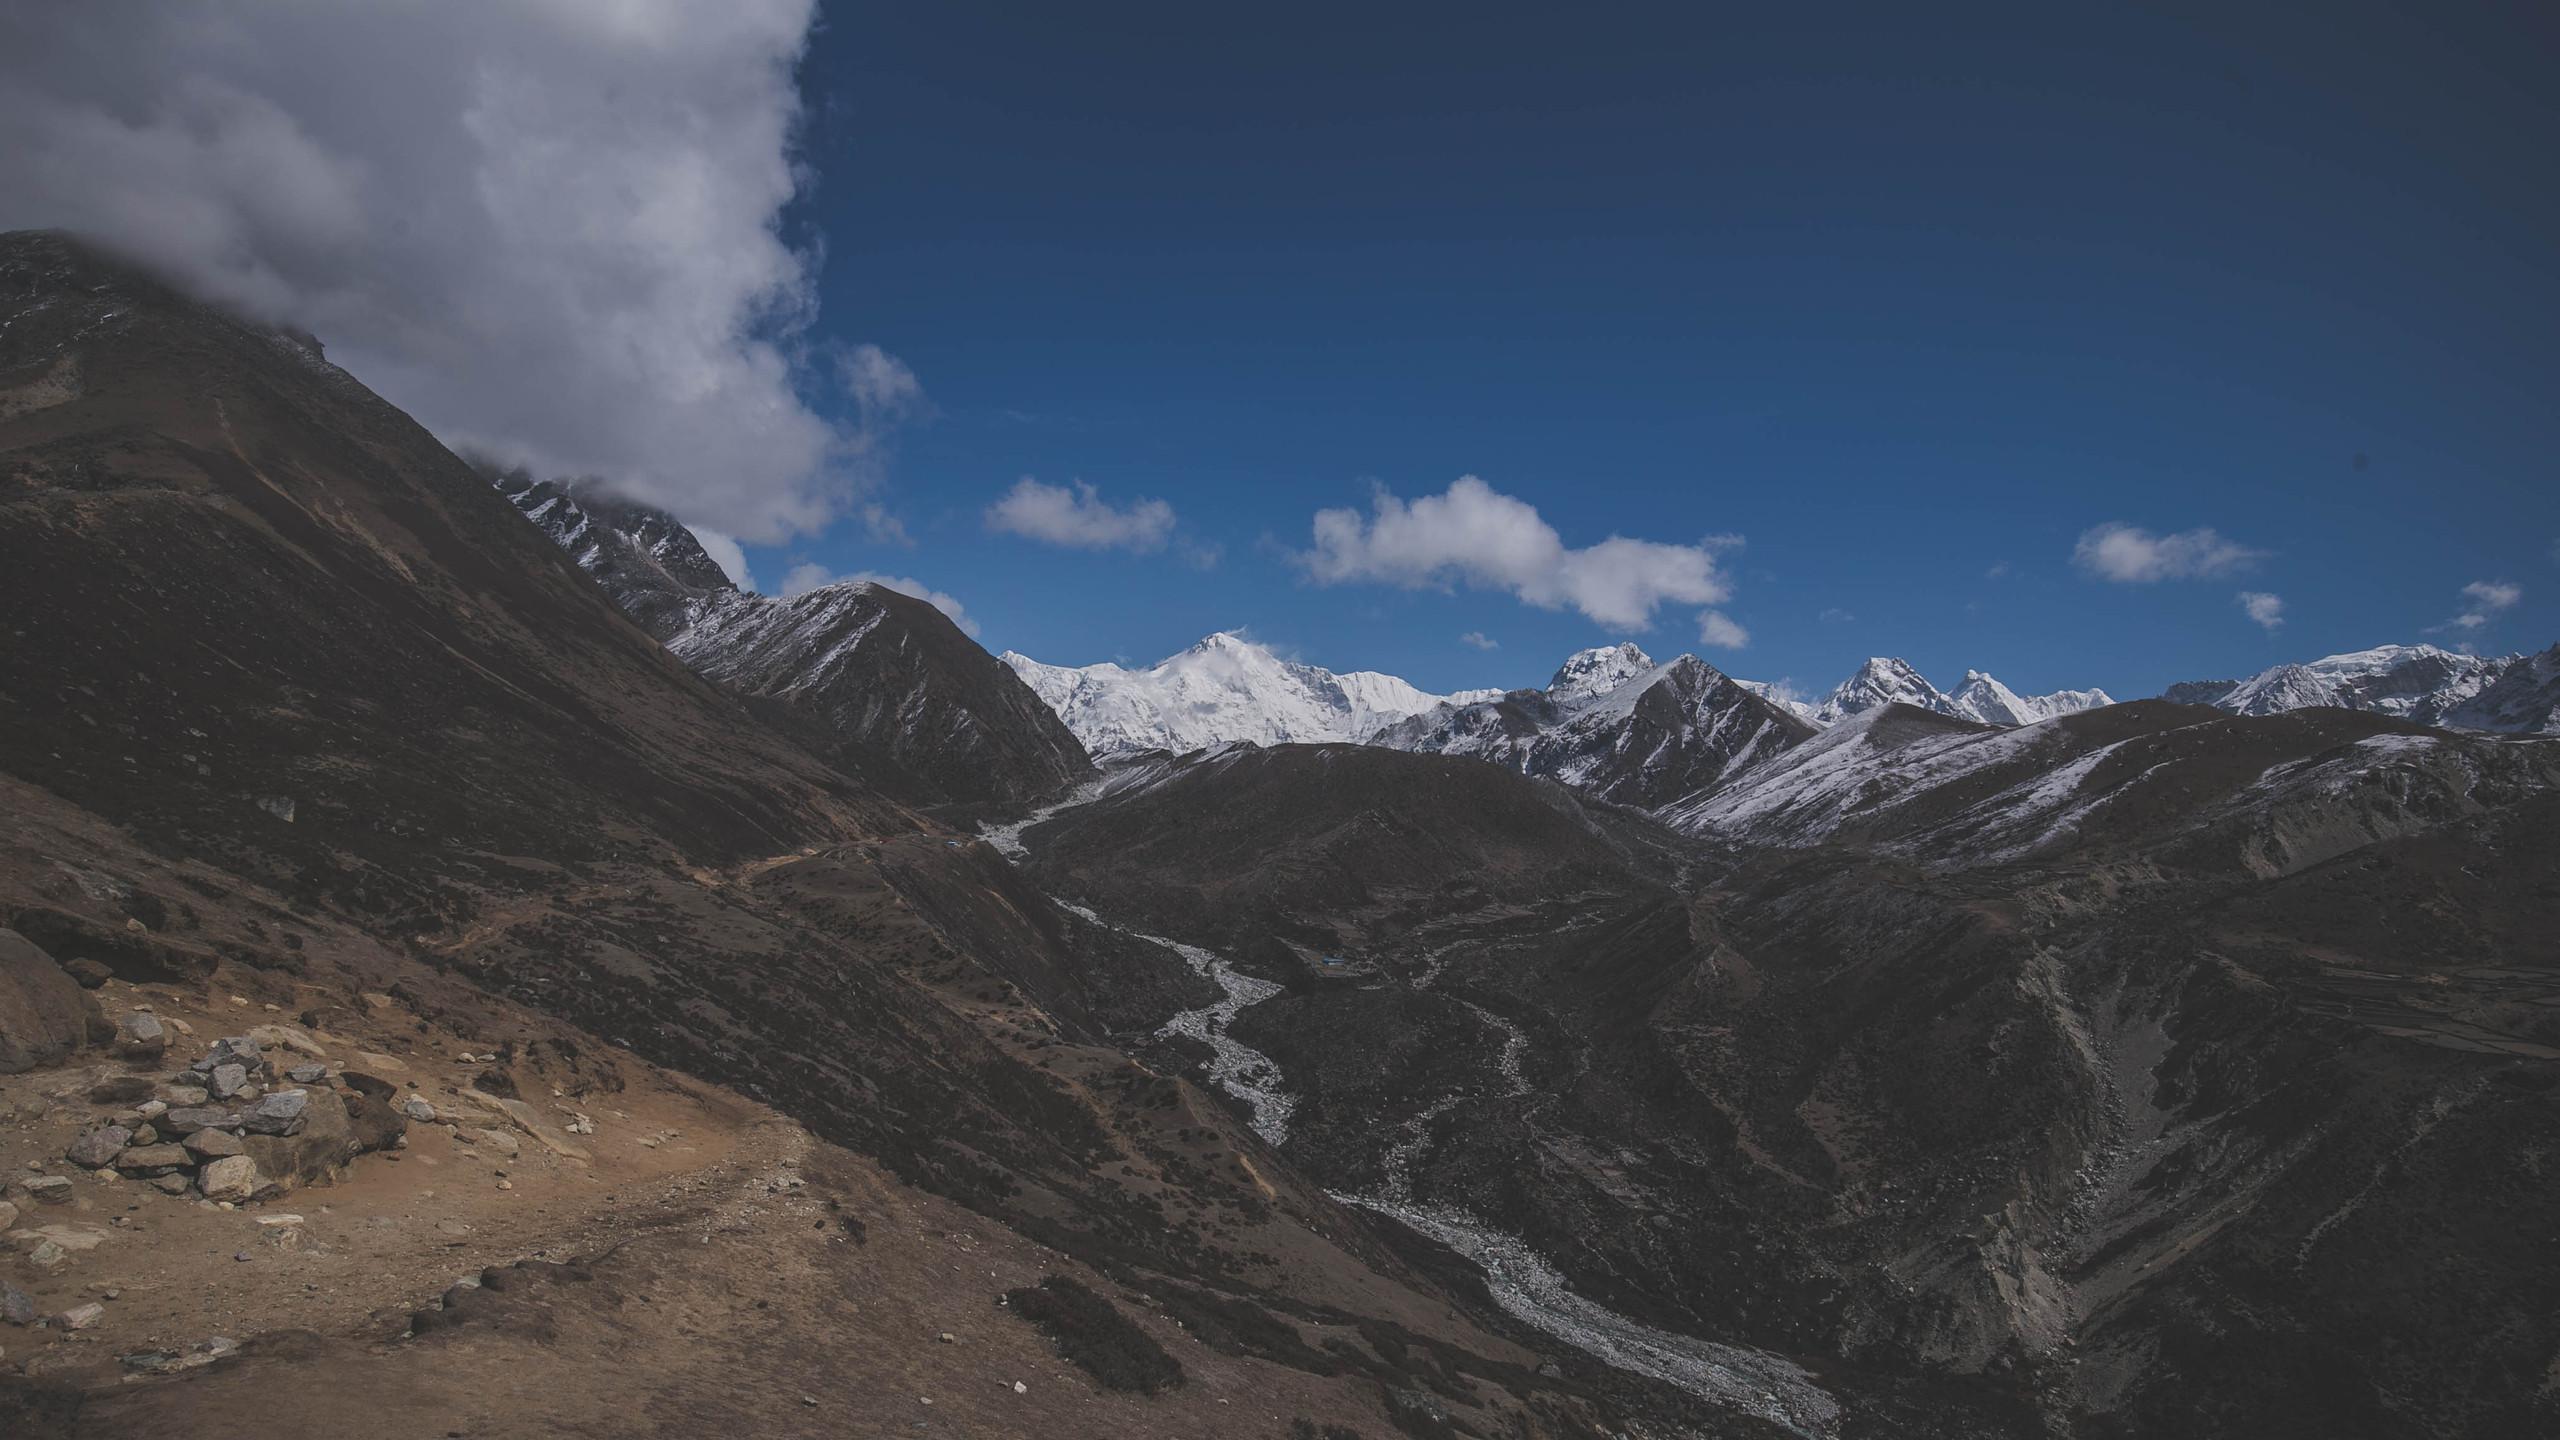 Views towards Ngozumpa Glacier from viewpoint near Sanasa